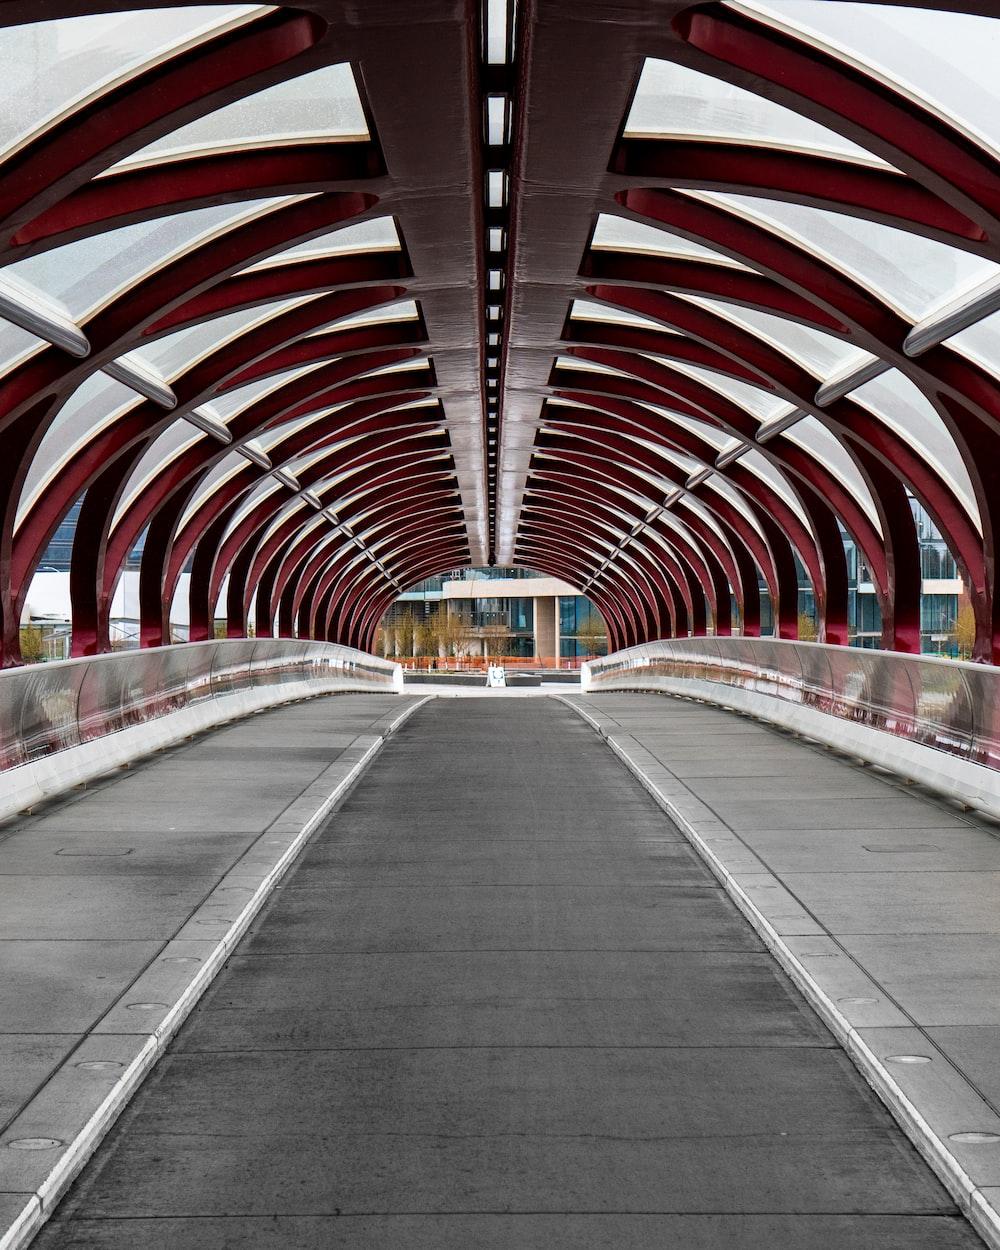 concrete pathway on an iron bridge